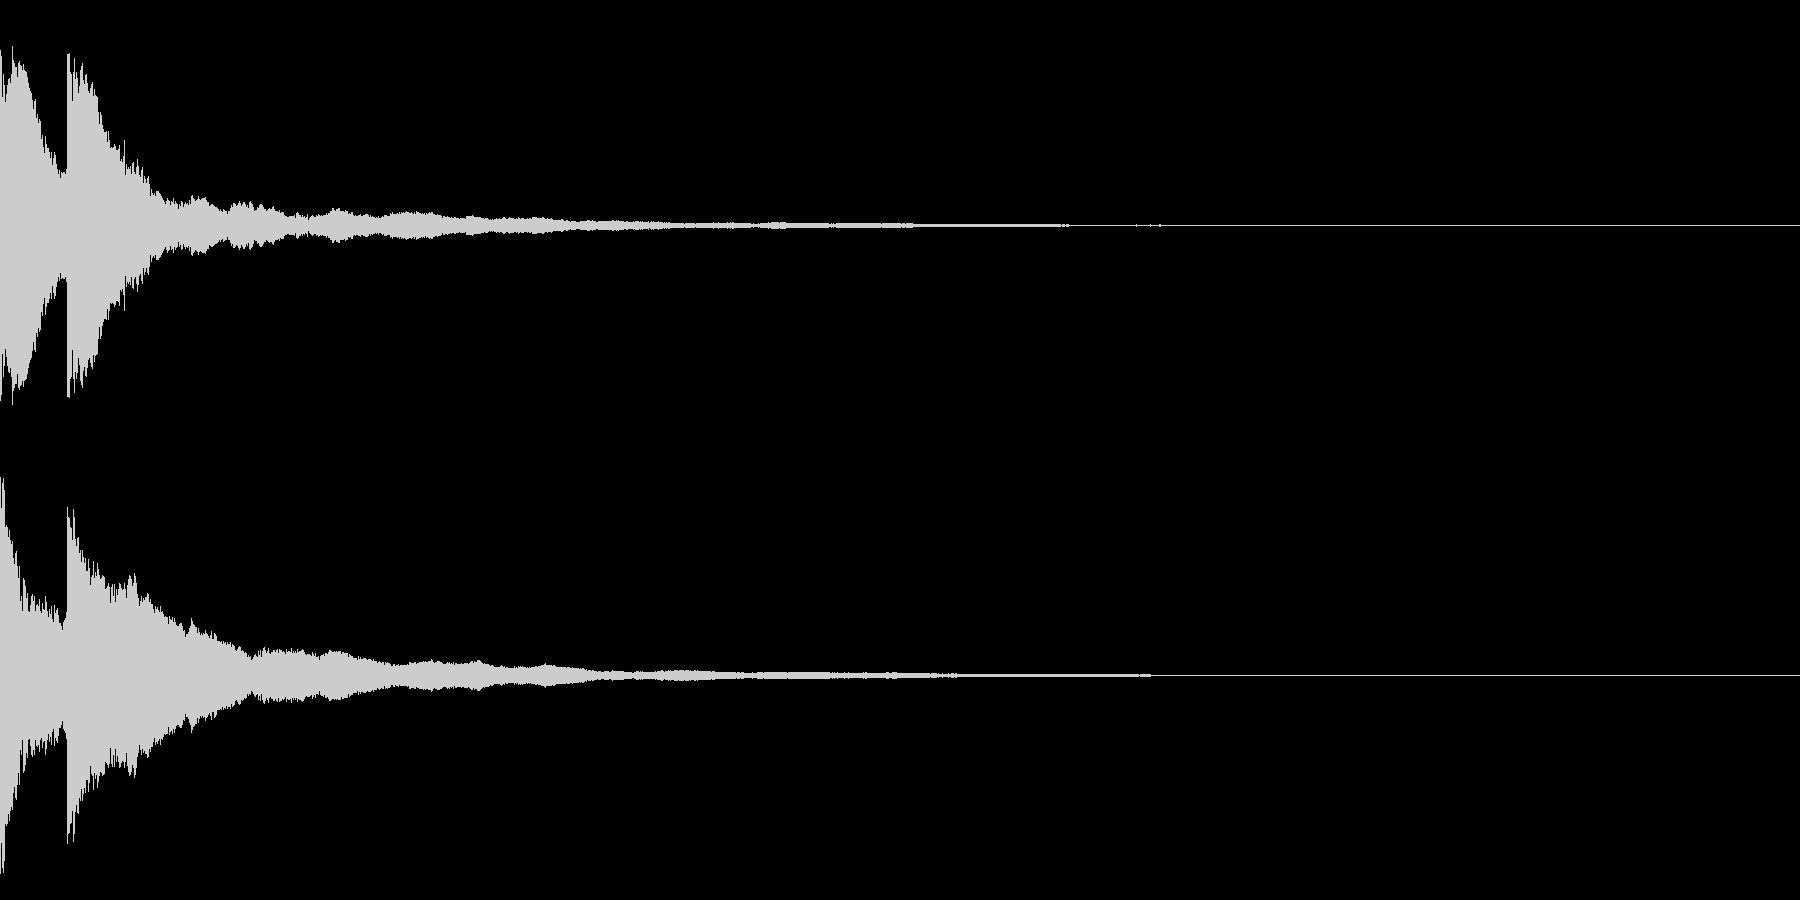 明るいテロップ音 ボタン音 決定音 09の未再生の波形